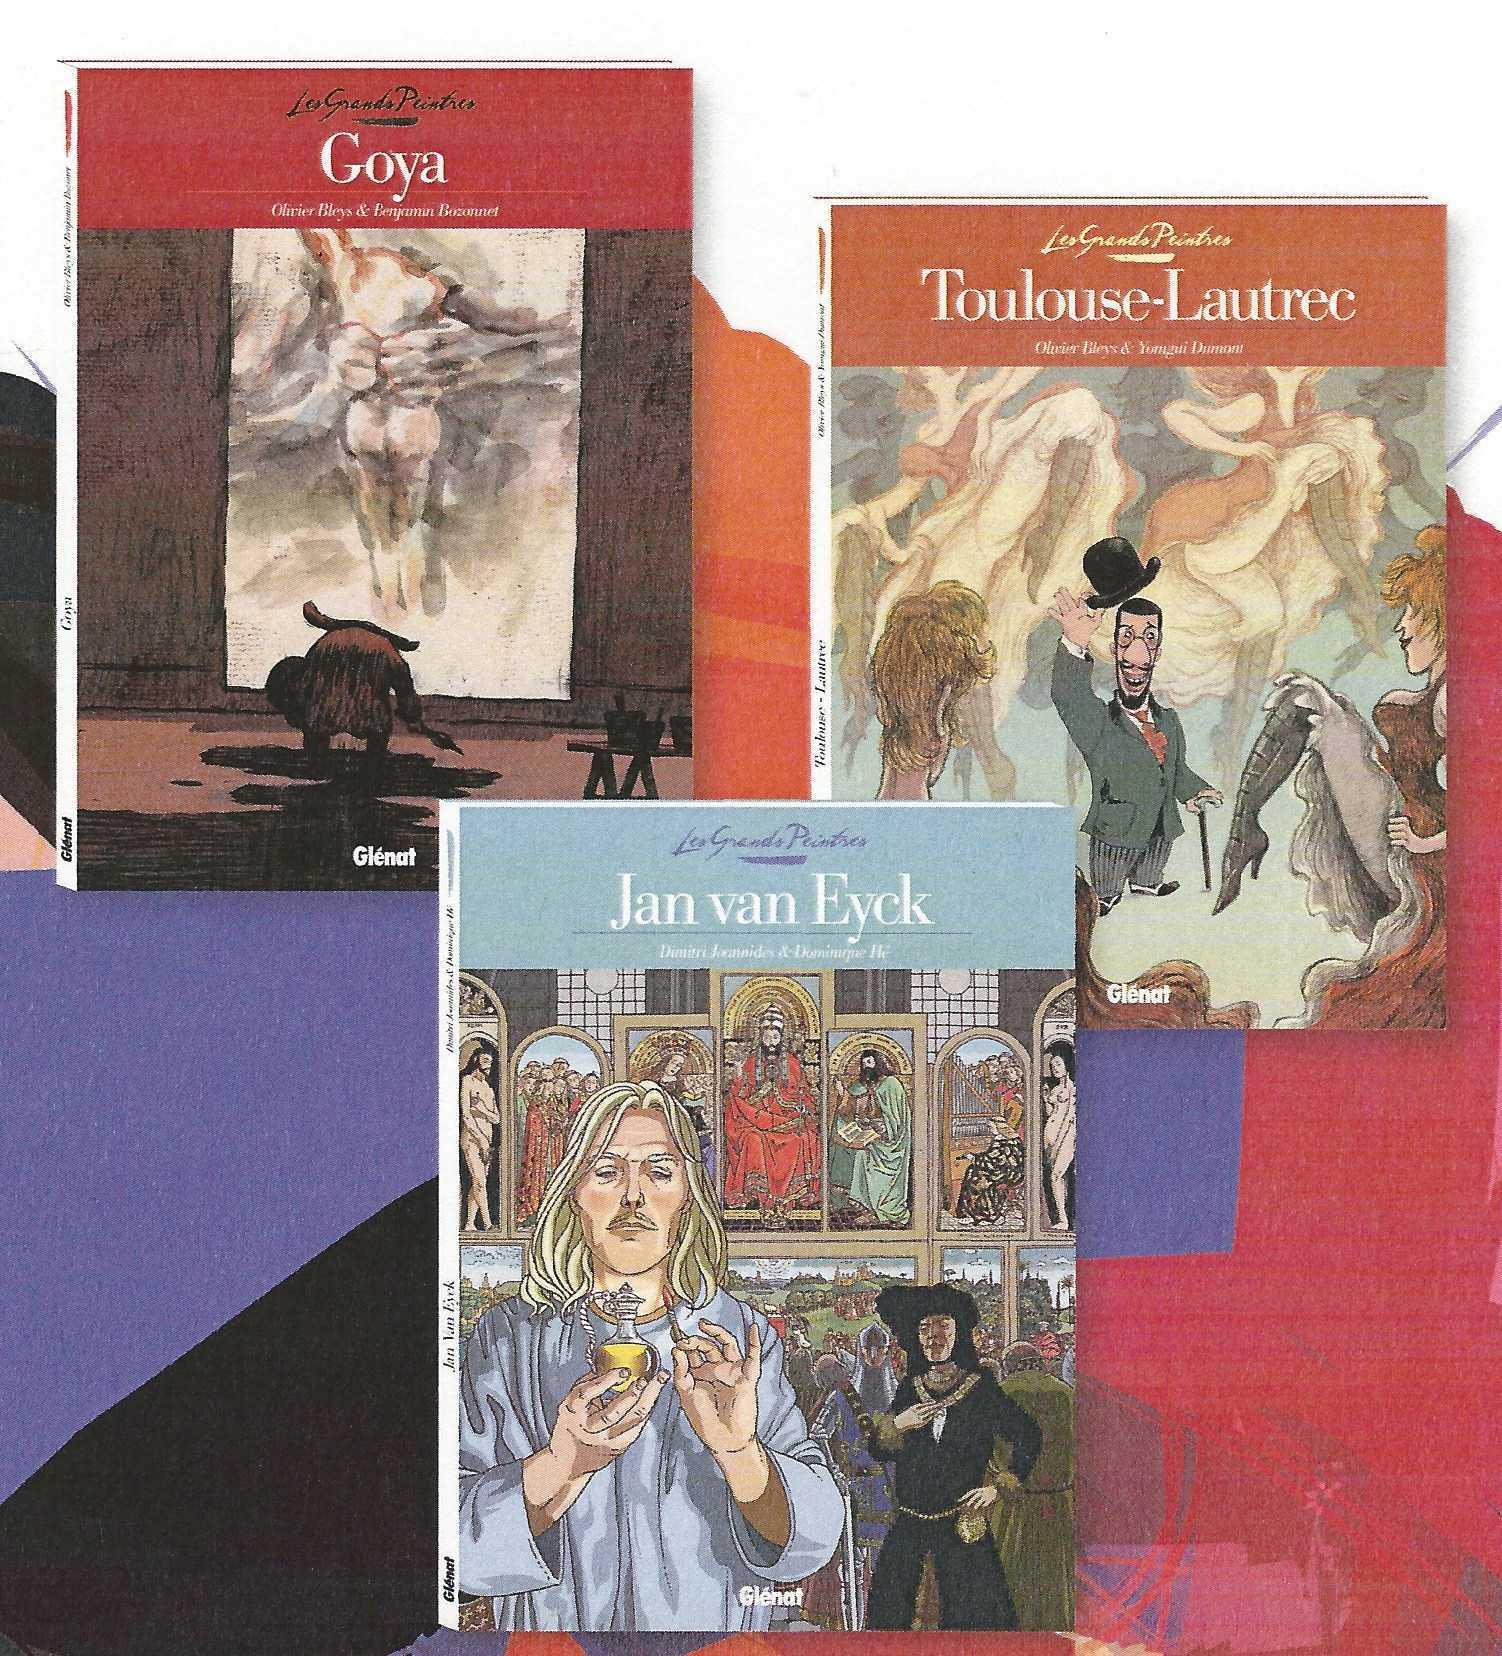 Les Grands Peintres, une nouvelle collection Glénat pour mieux apprécier un art majeur